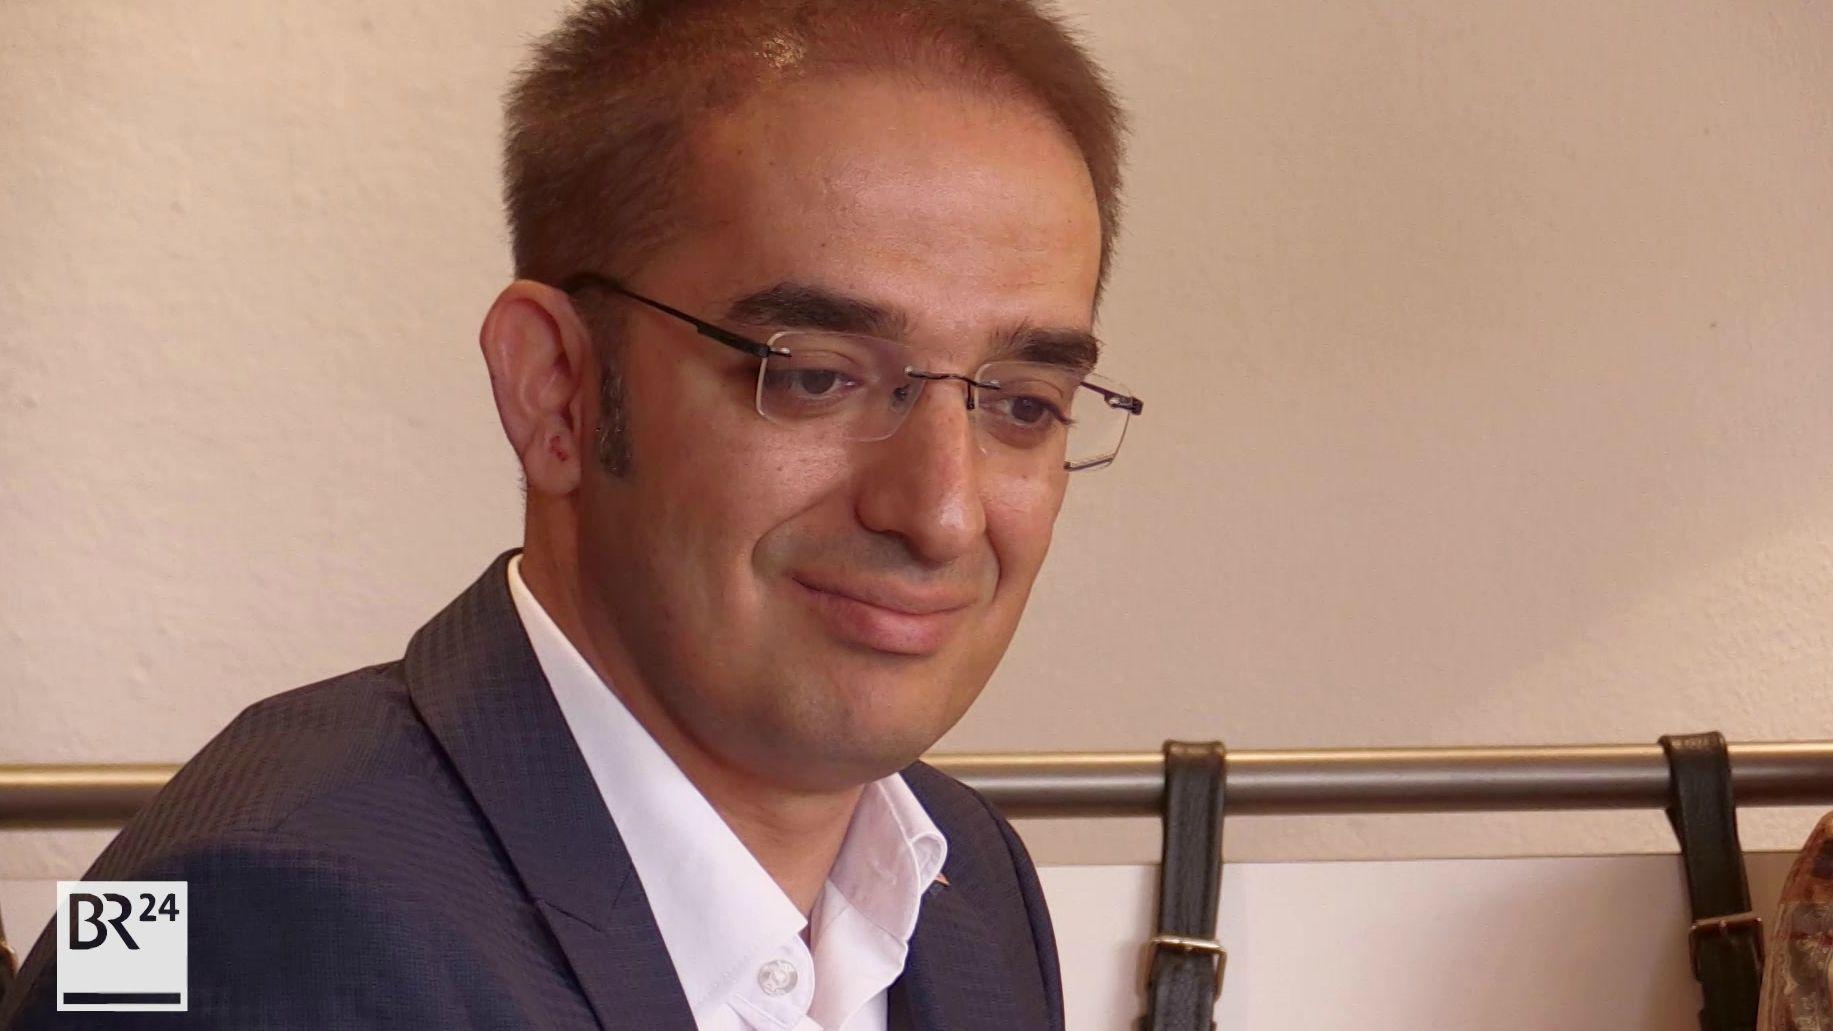 Ümit Sormaz ist OB-Kandidat für die Nürnberger FDP